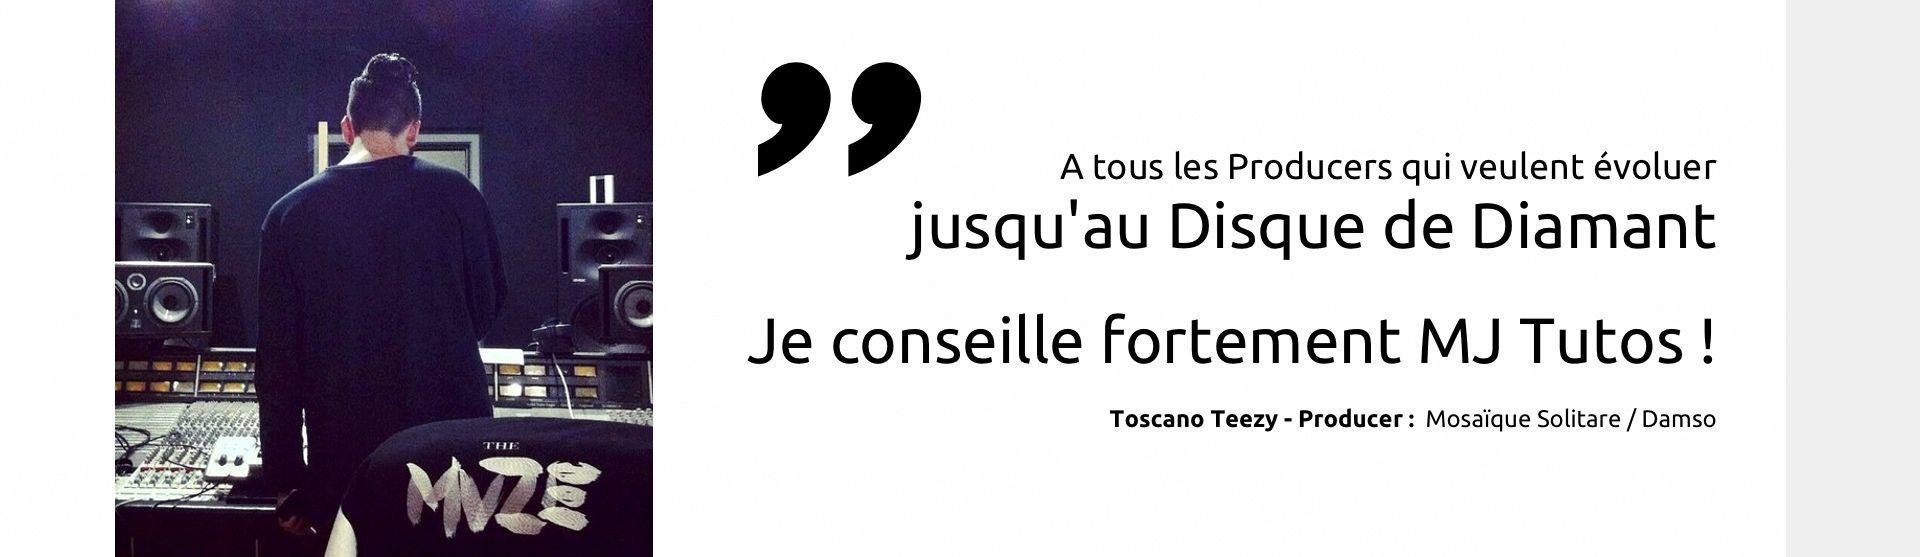 Toscano Teezy recommande MJ Tutoriels <span></span>